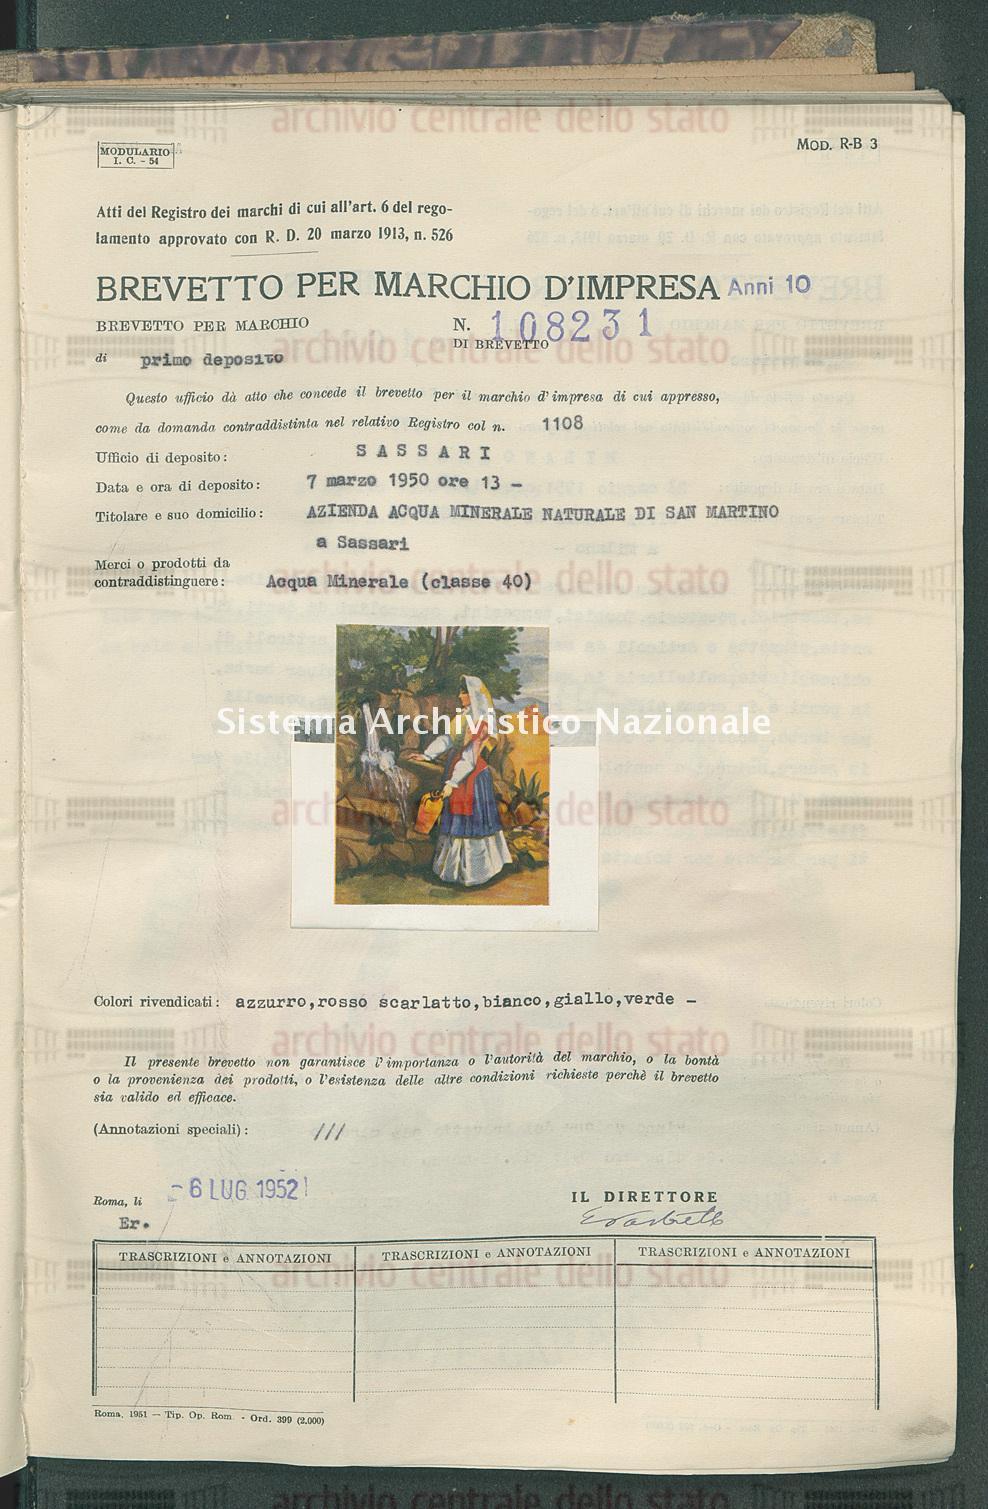 Acqua minerale Azienda Acqua Minerale Naturale Di San Martino (06/07/1952)